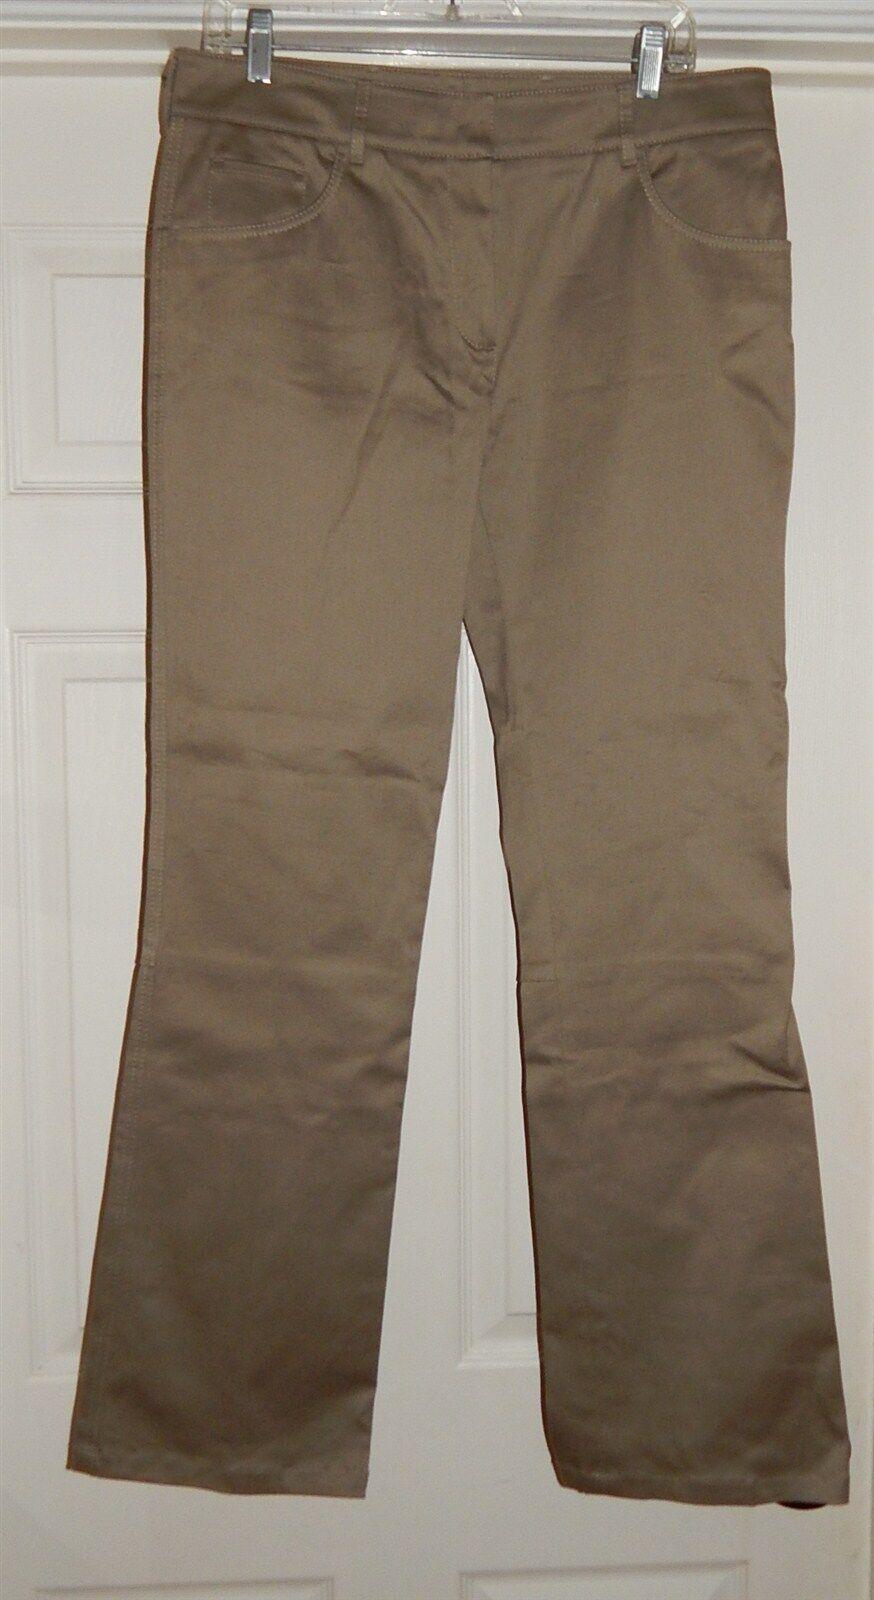 New Prada sz 46 Stretch Cotton Khaki Beige Pants  475